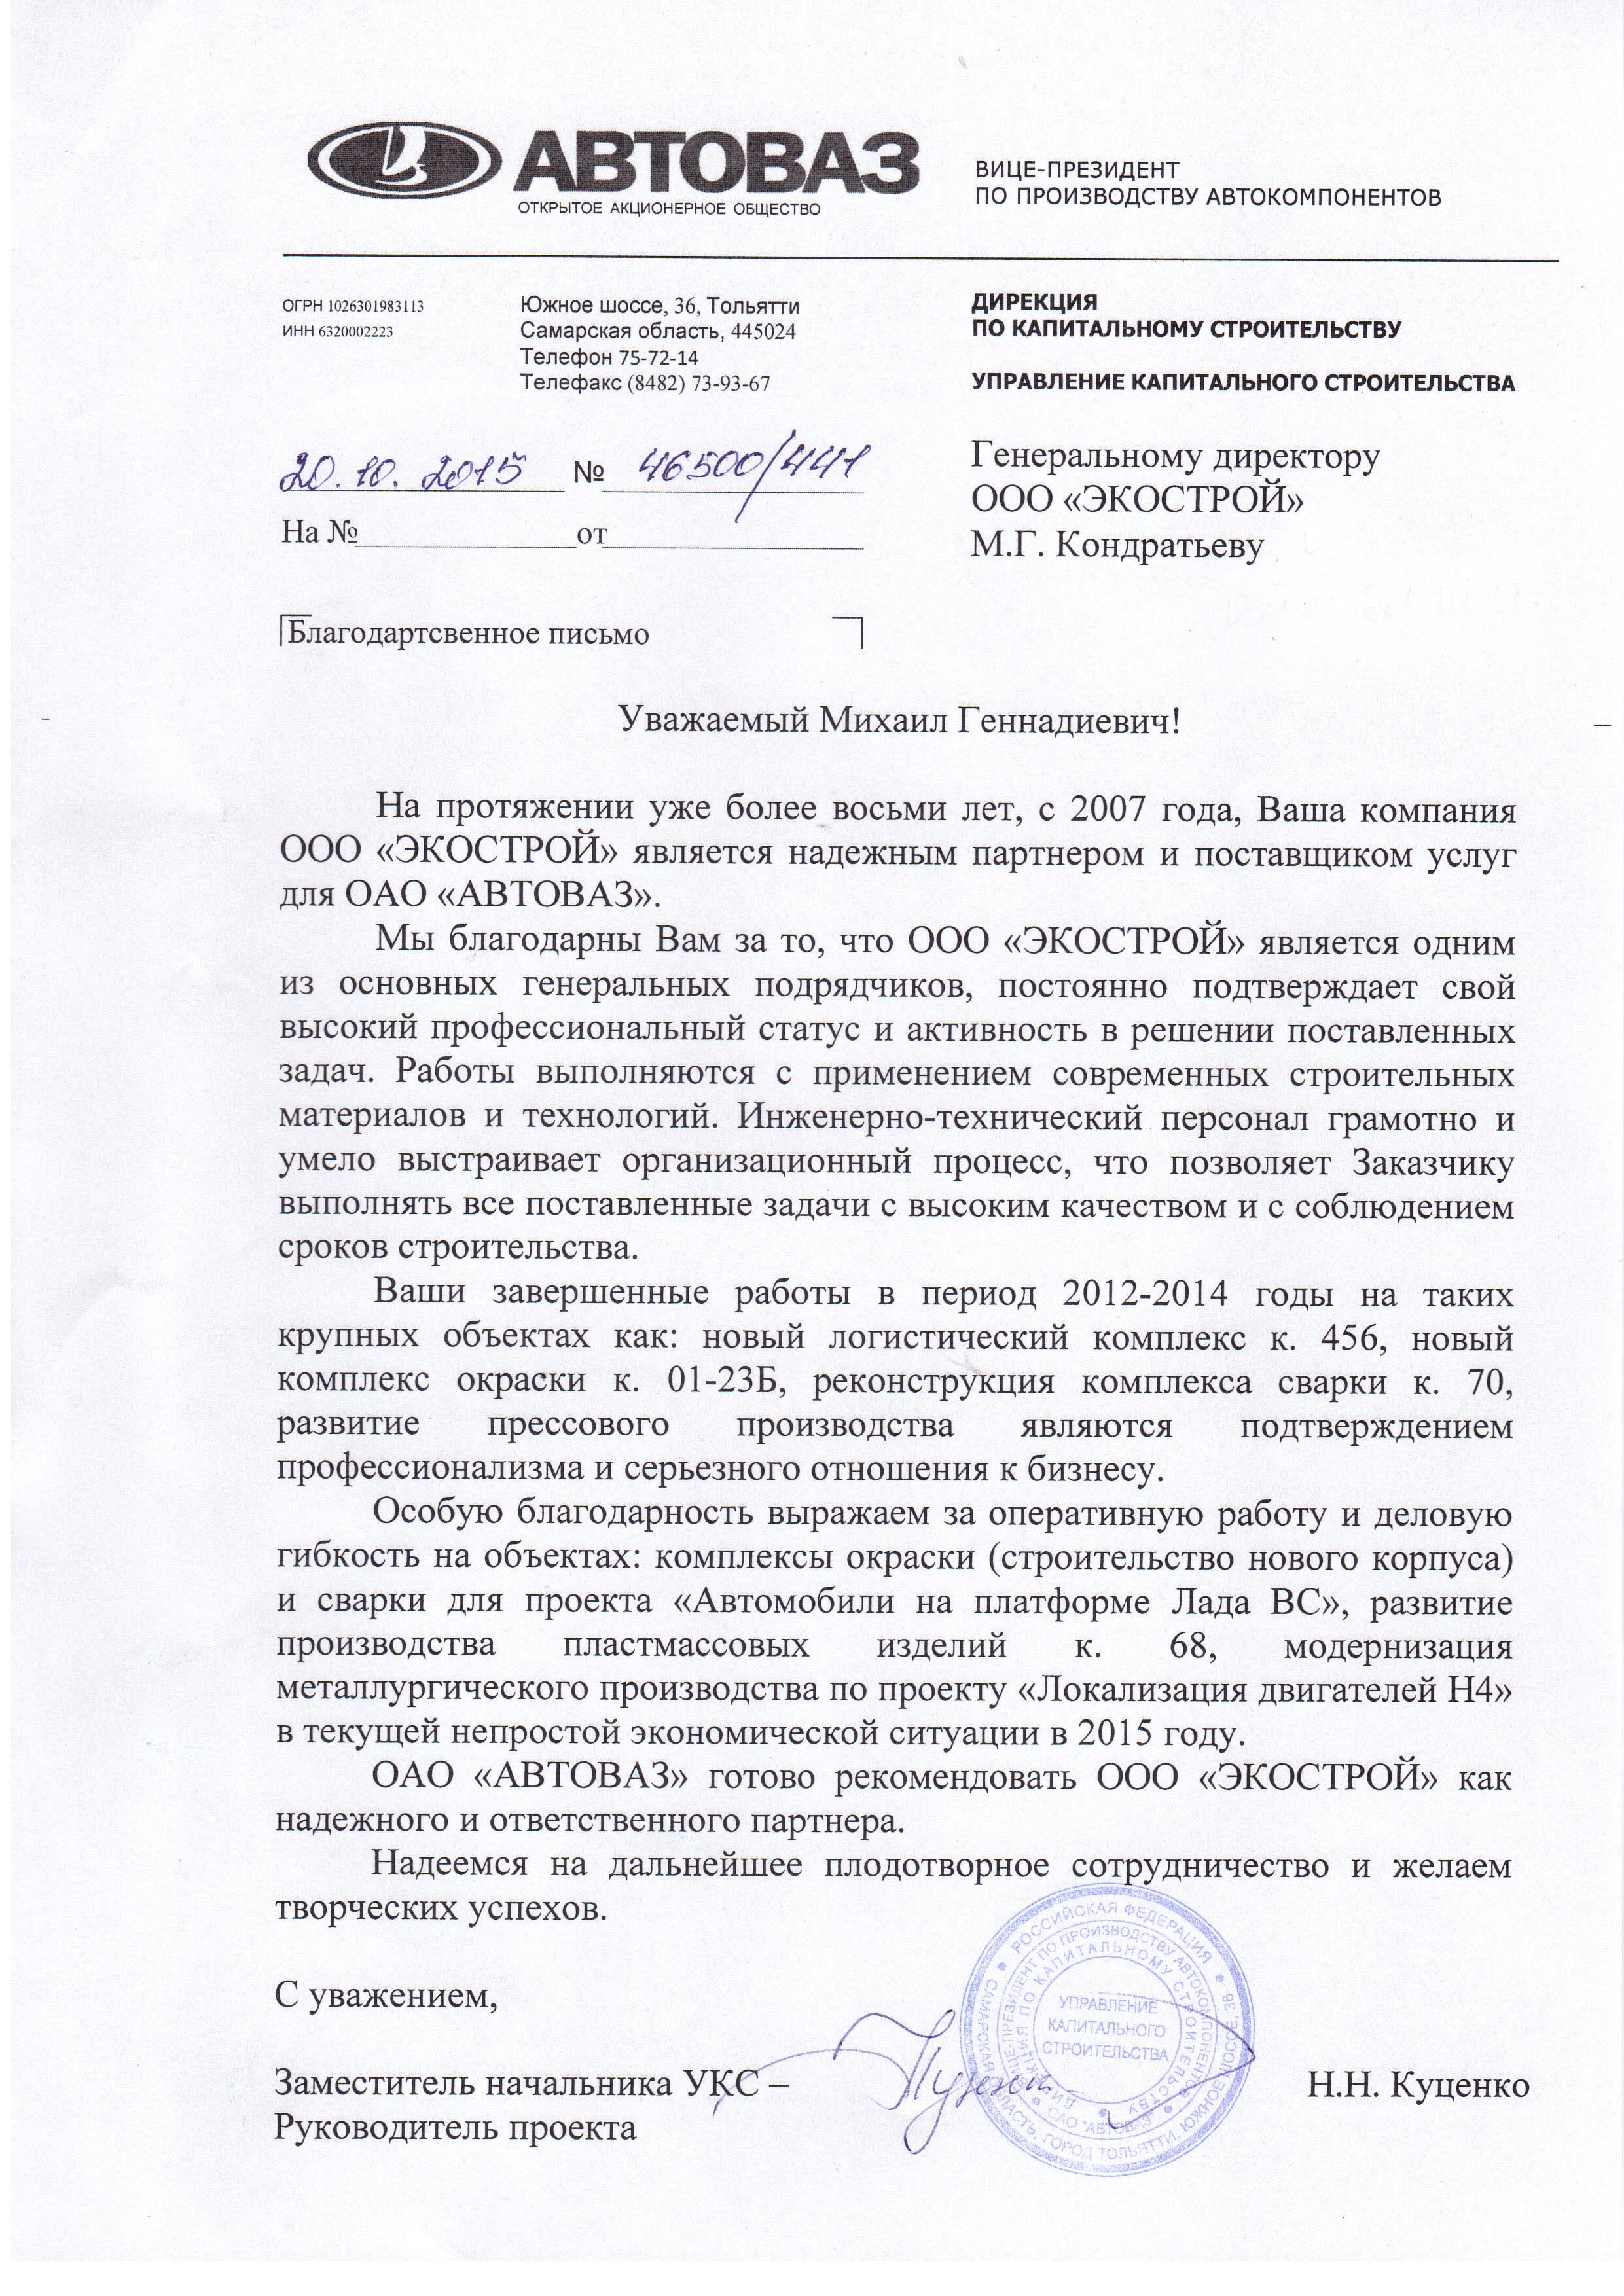 """Рекомендательное письмо ОАО """"АВТОВАЗ"""""""